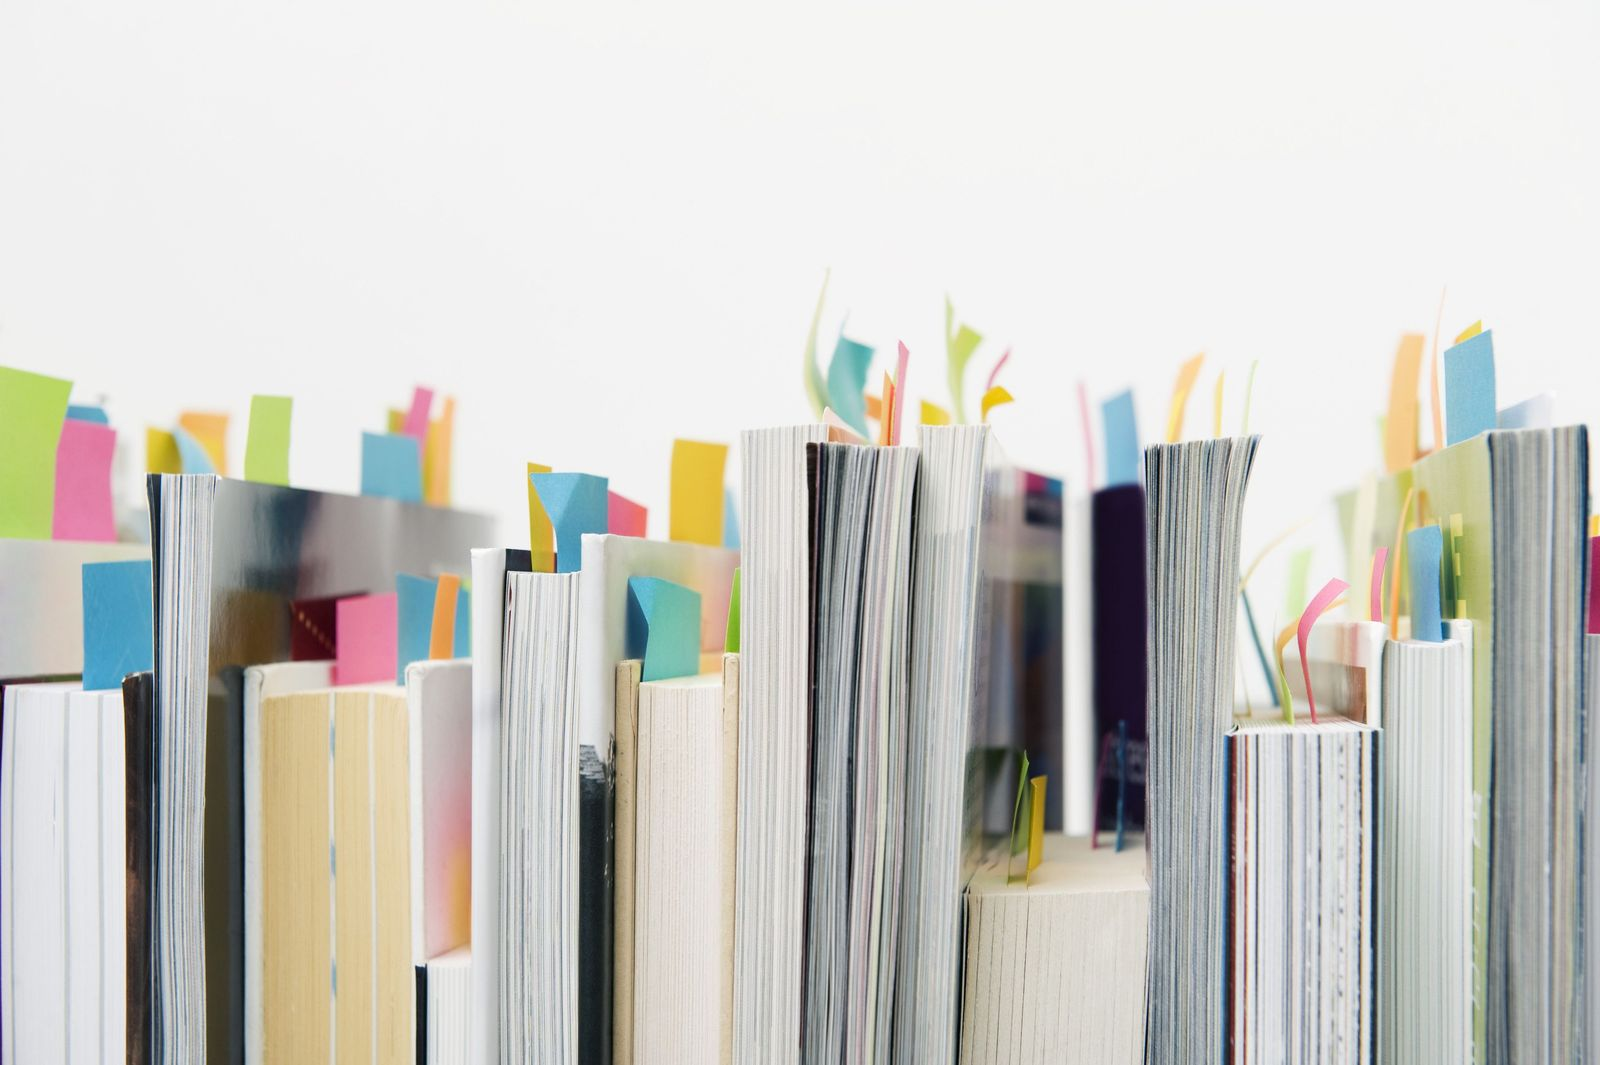 NICHT MEHR VERWENDEN! - SYMBOLBILD Bookmark / Bücher